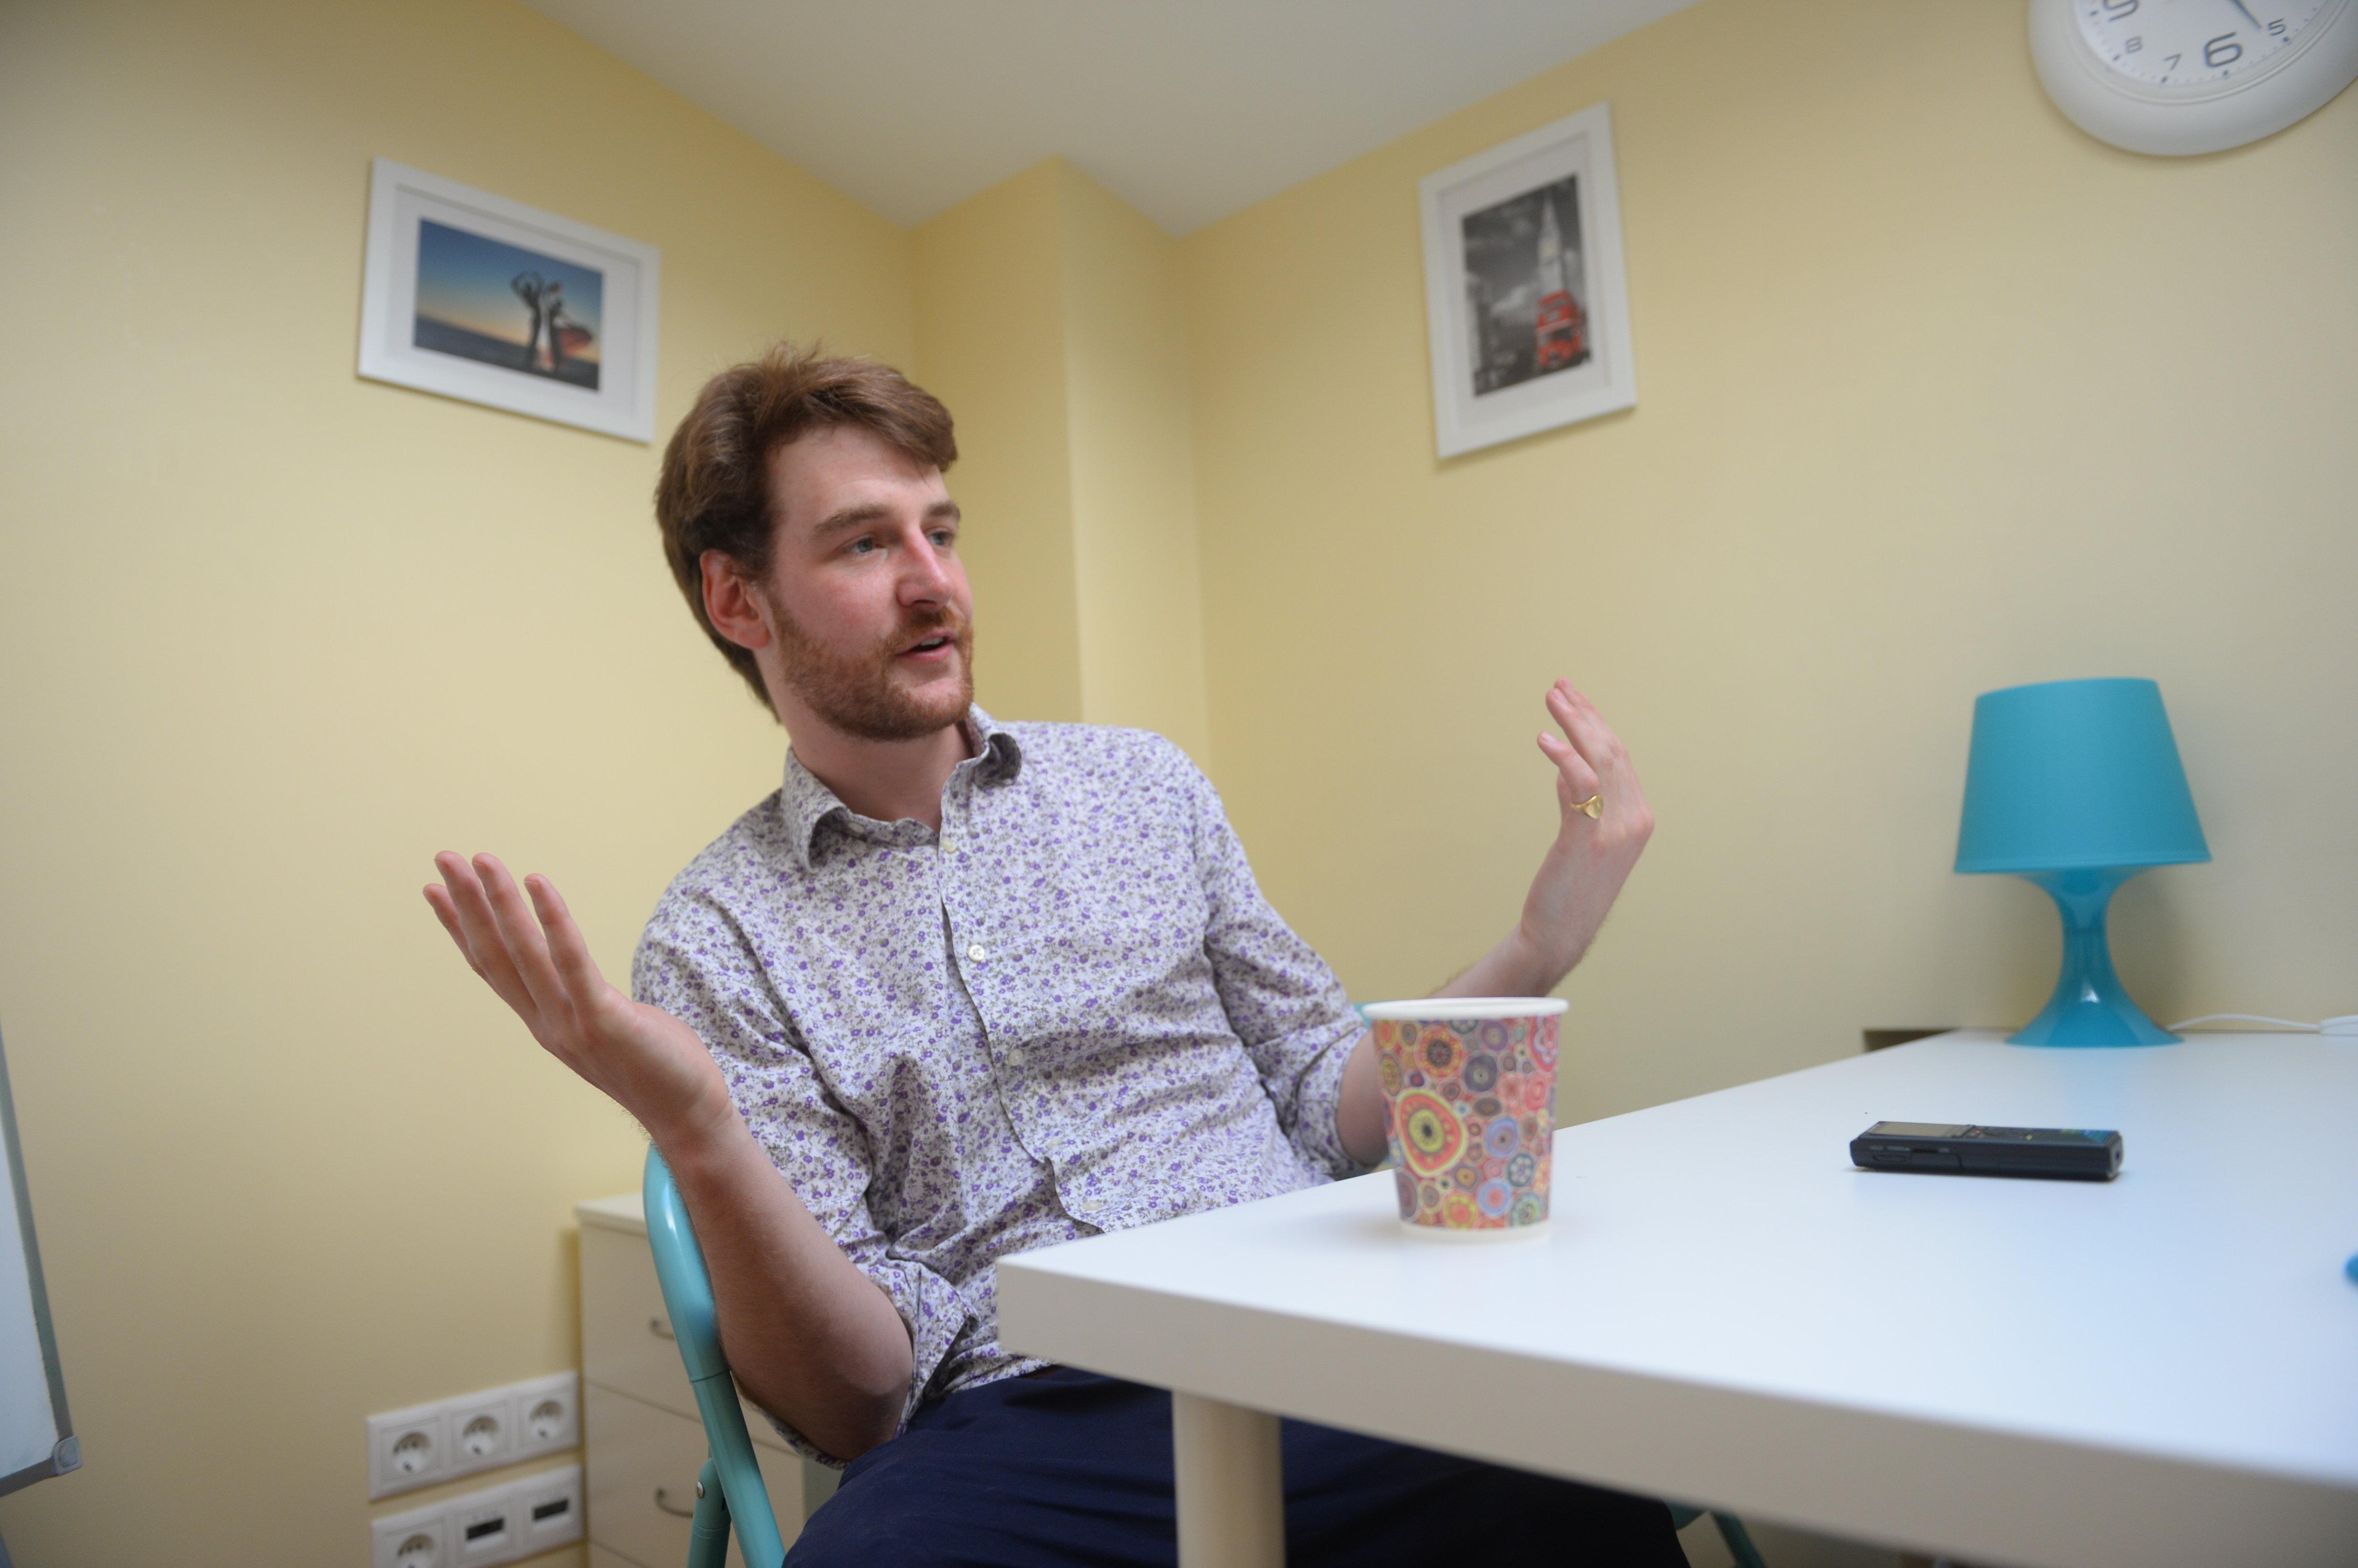 России знакомство с в иностранцем проживающим